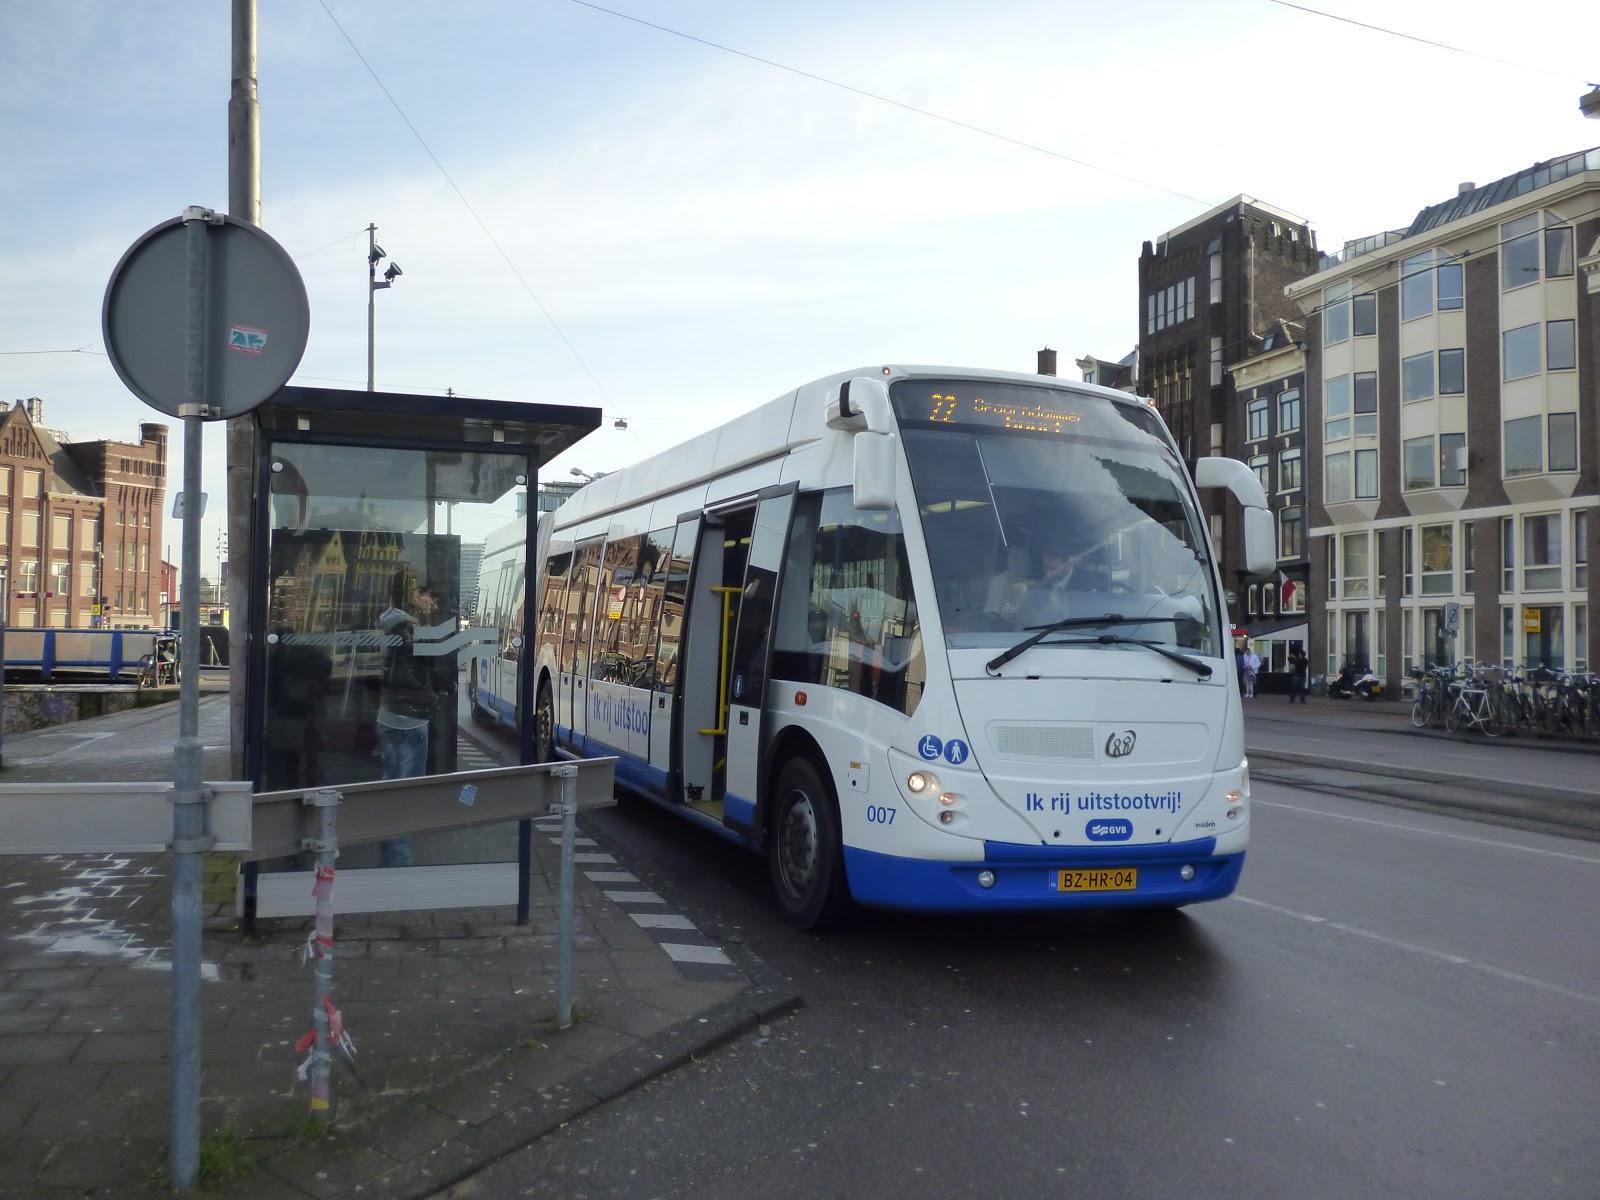 buses apts phileas hybrid vdl the netherlands myn transport blog. Black Bedroom Furniture Sets. Home Design Ideas